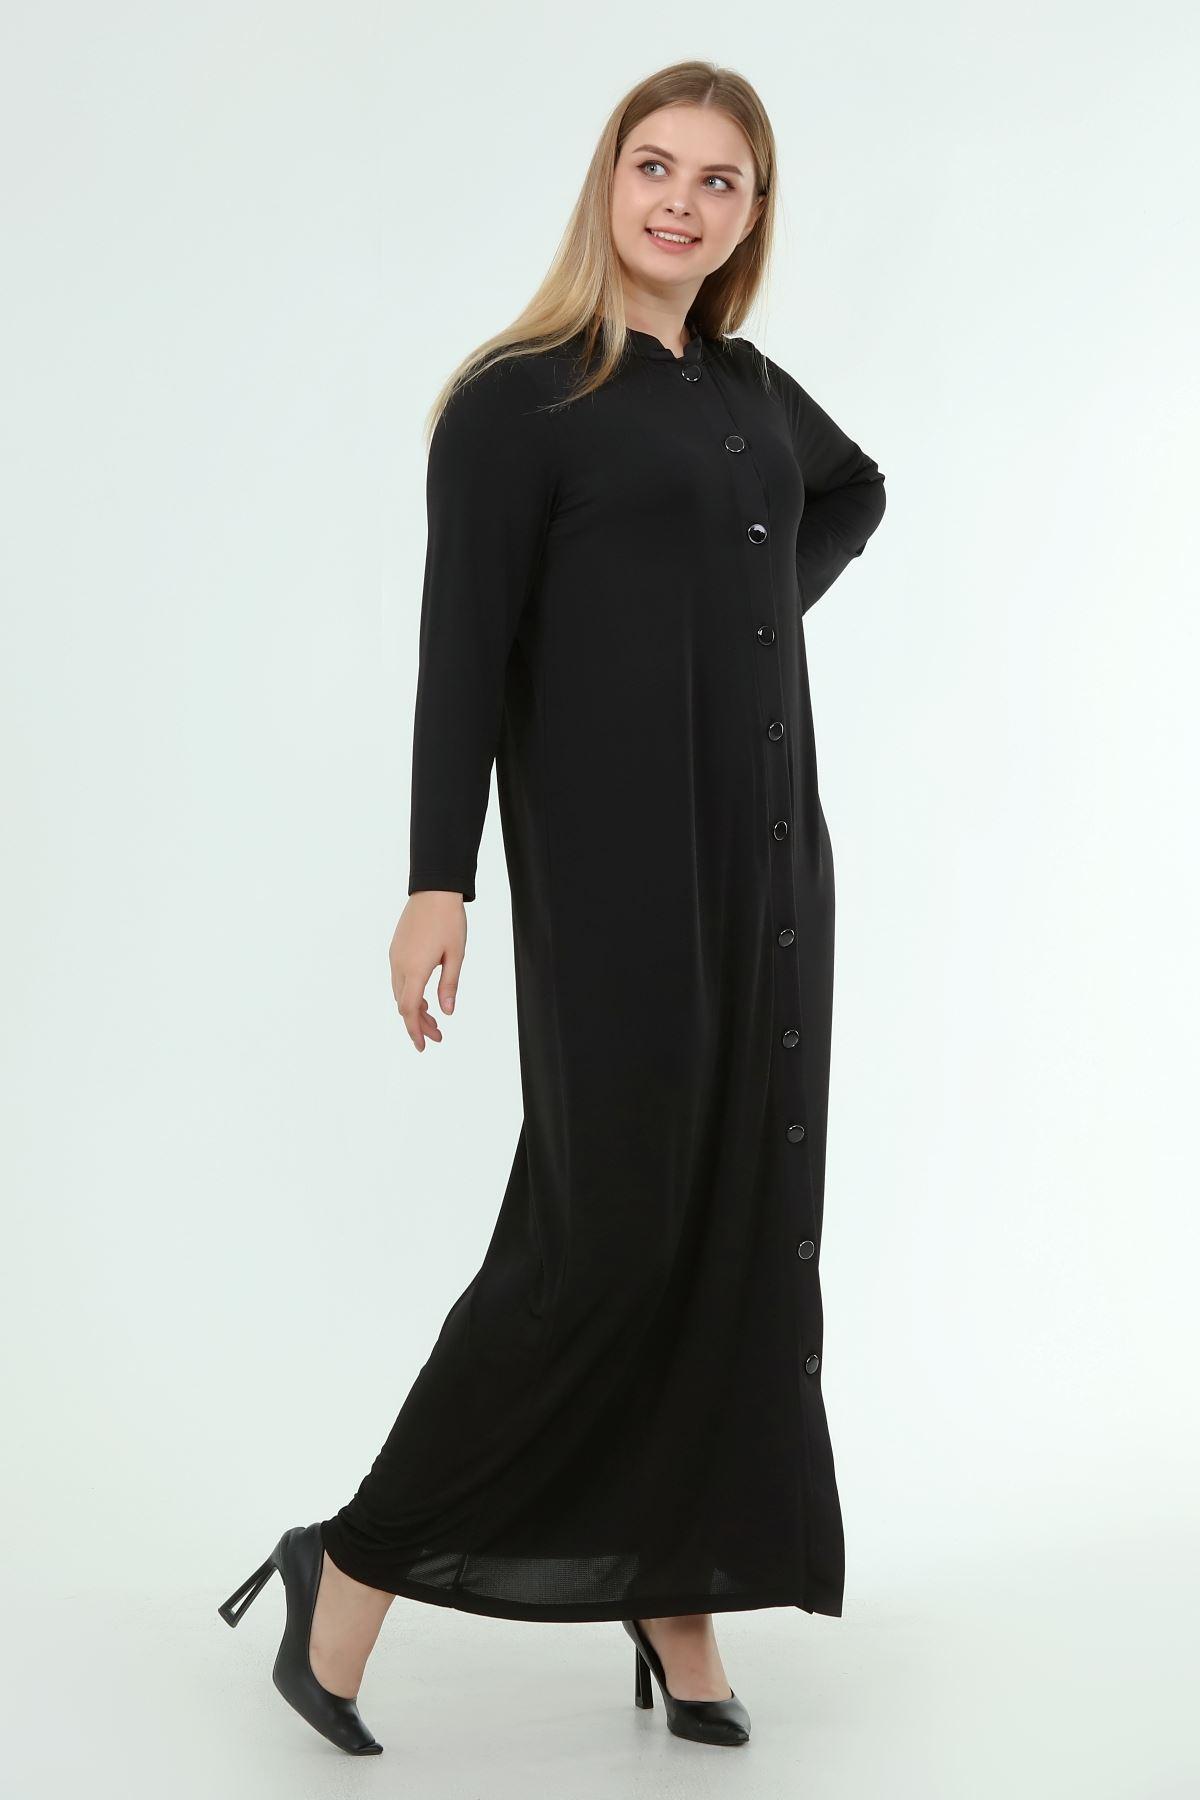 Kadın Siyah Uzun Düğmeli Elbise  A1-4054